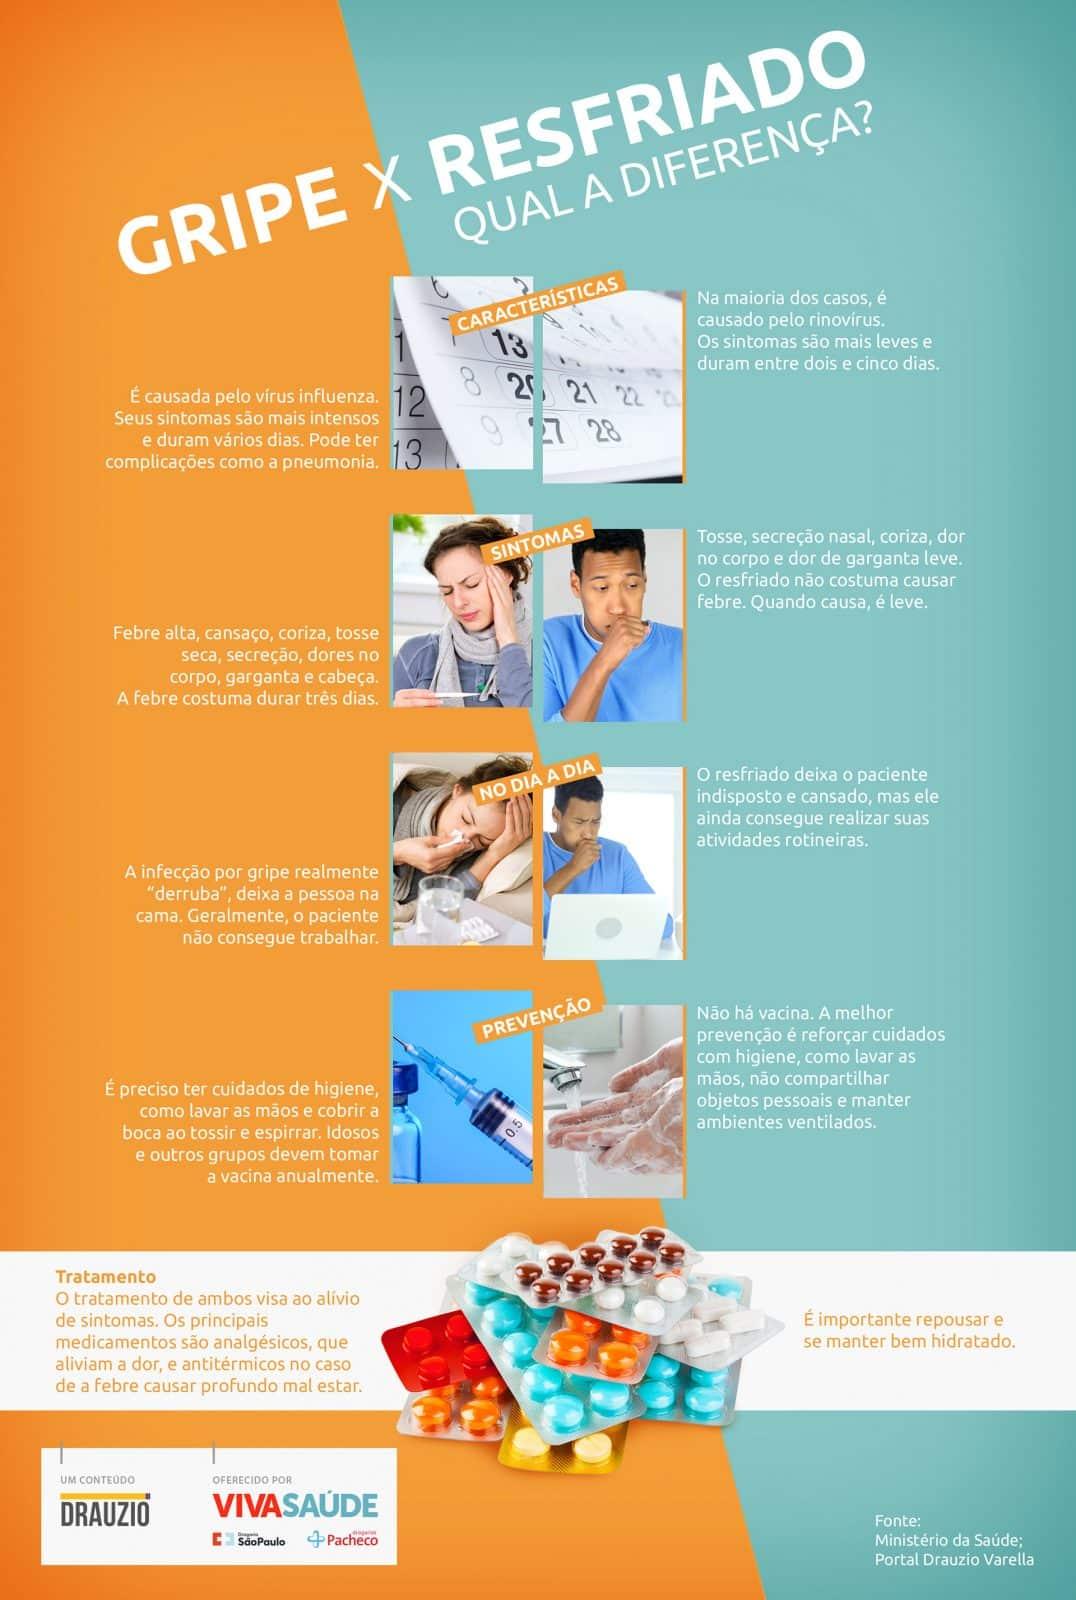 infografico gripe resfriado